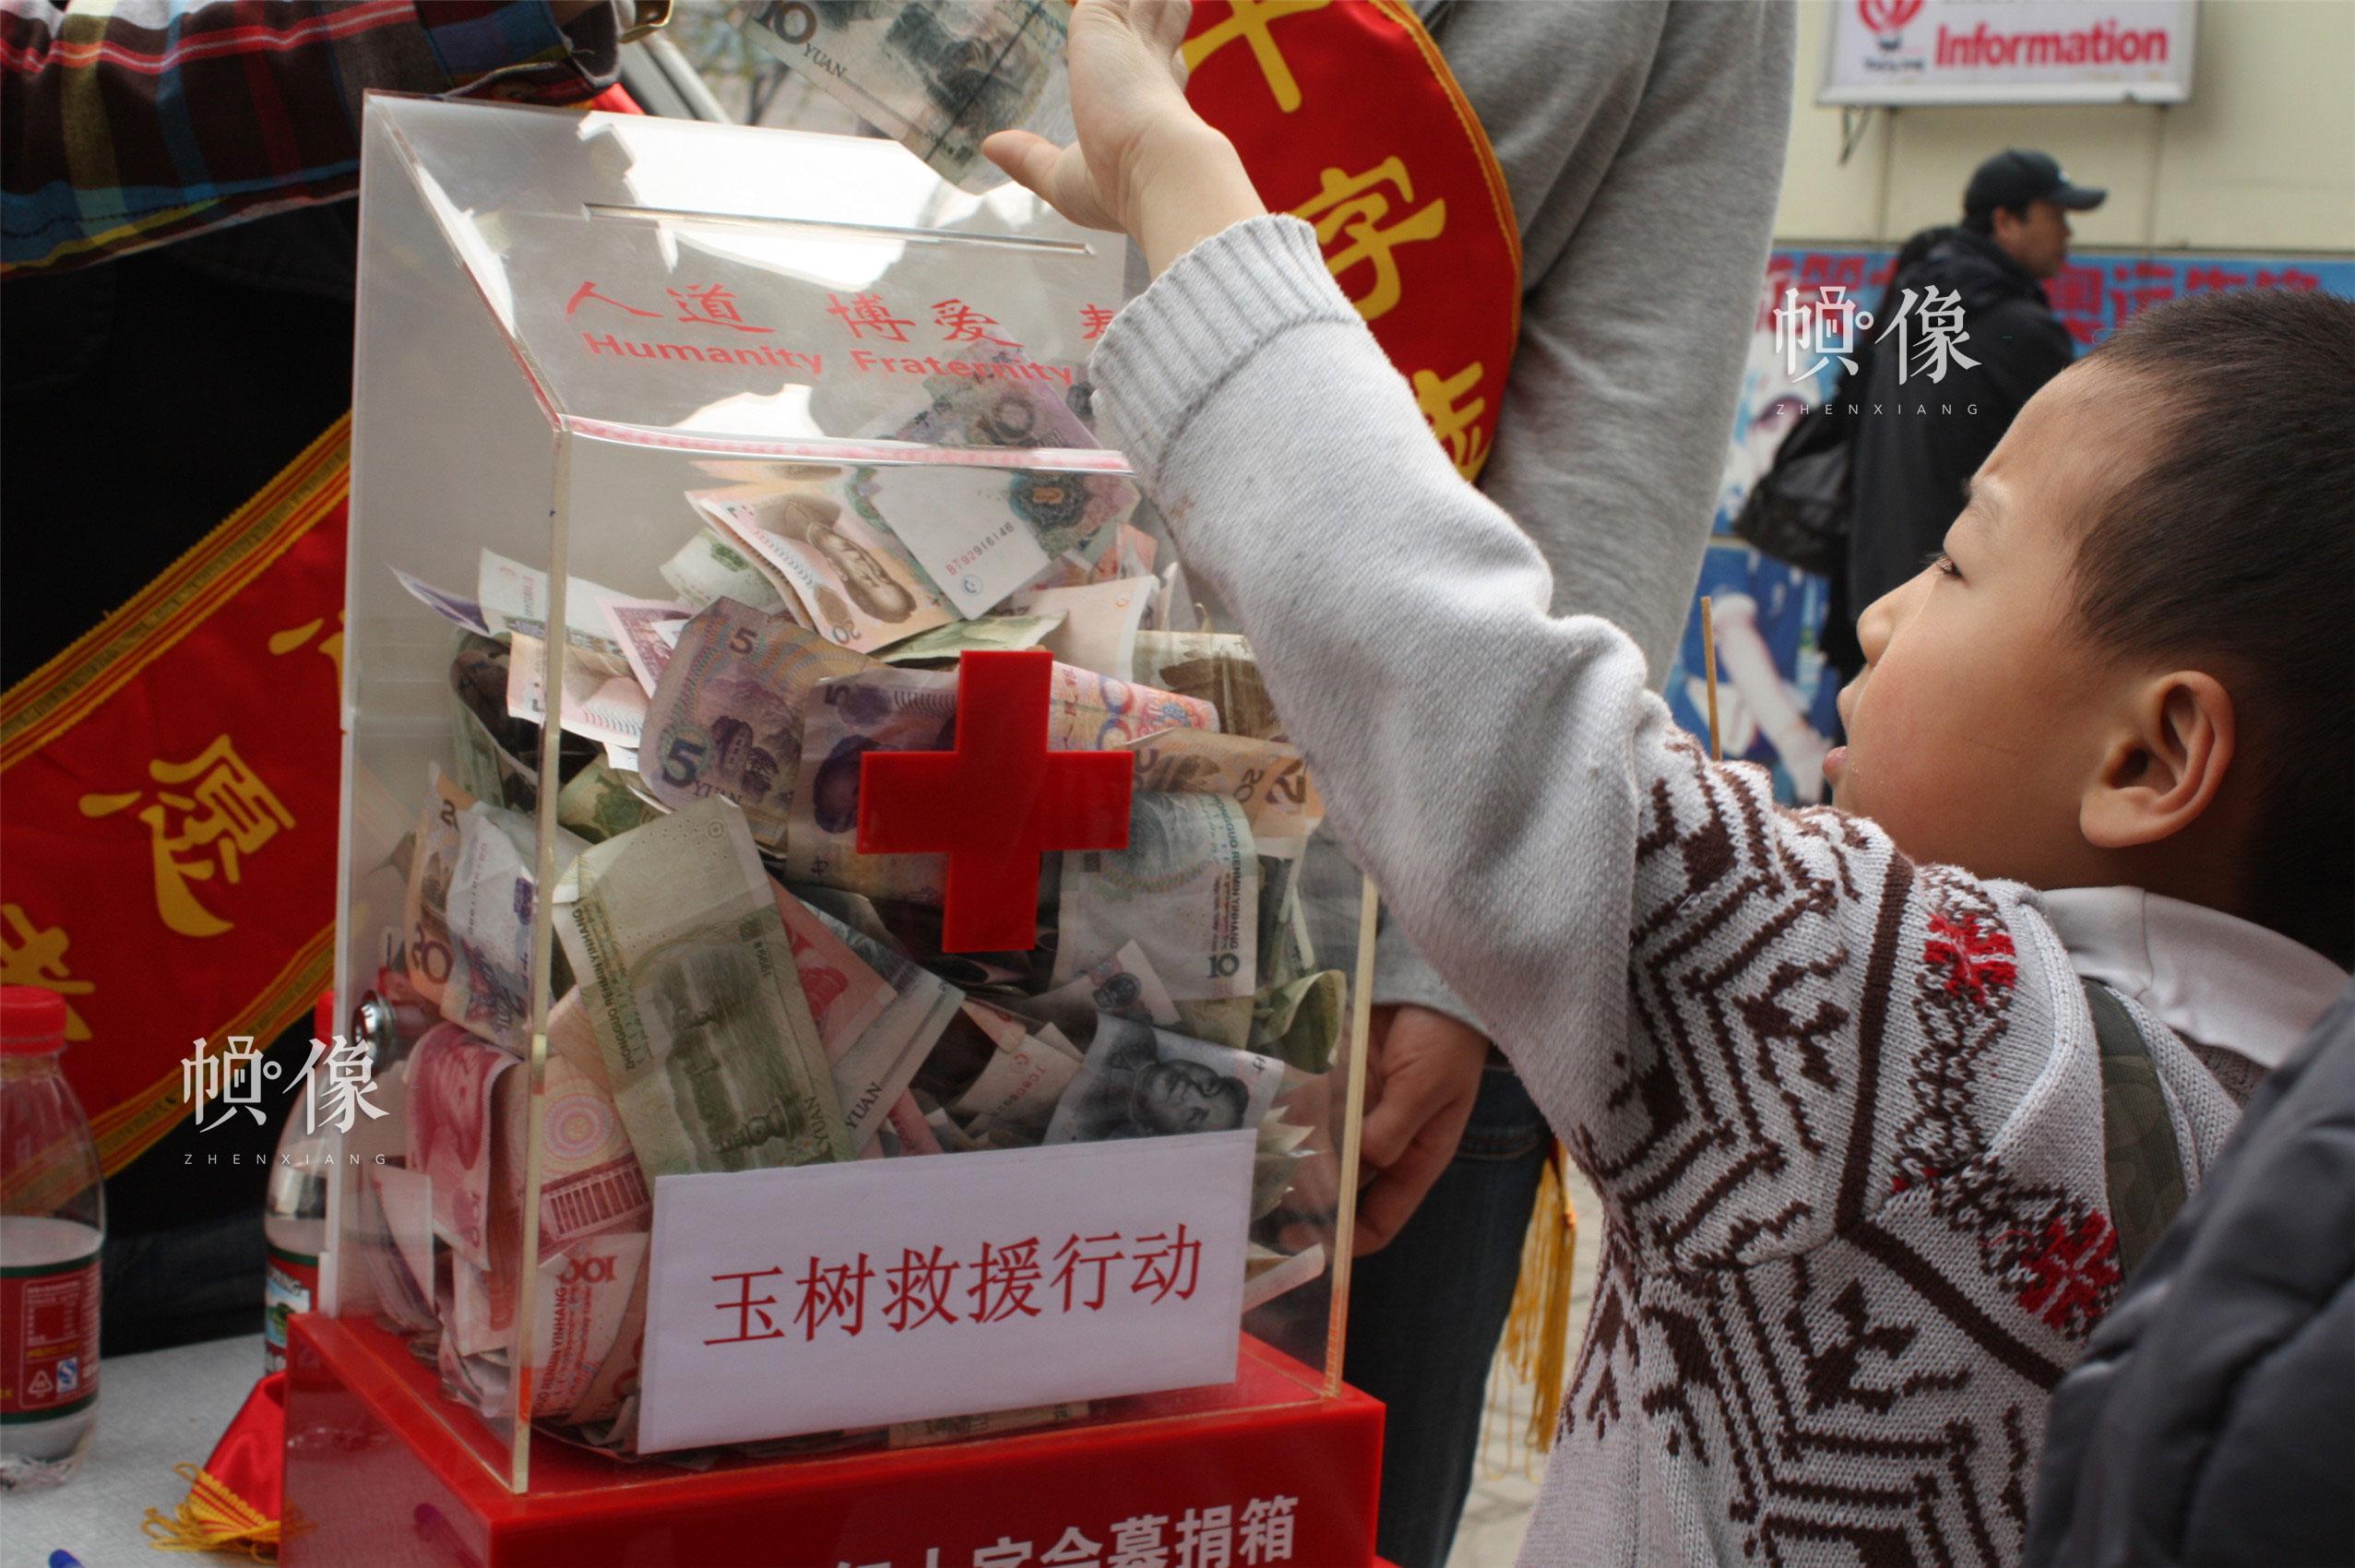 """2010年5月7日,西城區紅十字會開展""""五八""""紅十字日宣傳活動,紅十字志願者為市民進行街頭義診。(西城區紅十字會供圖)"""